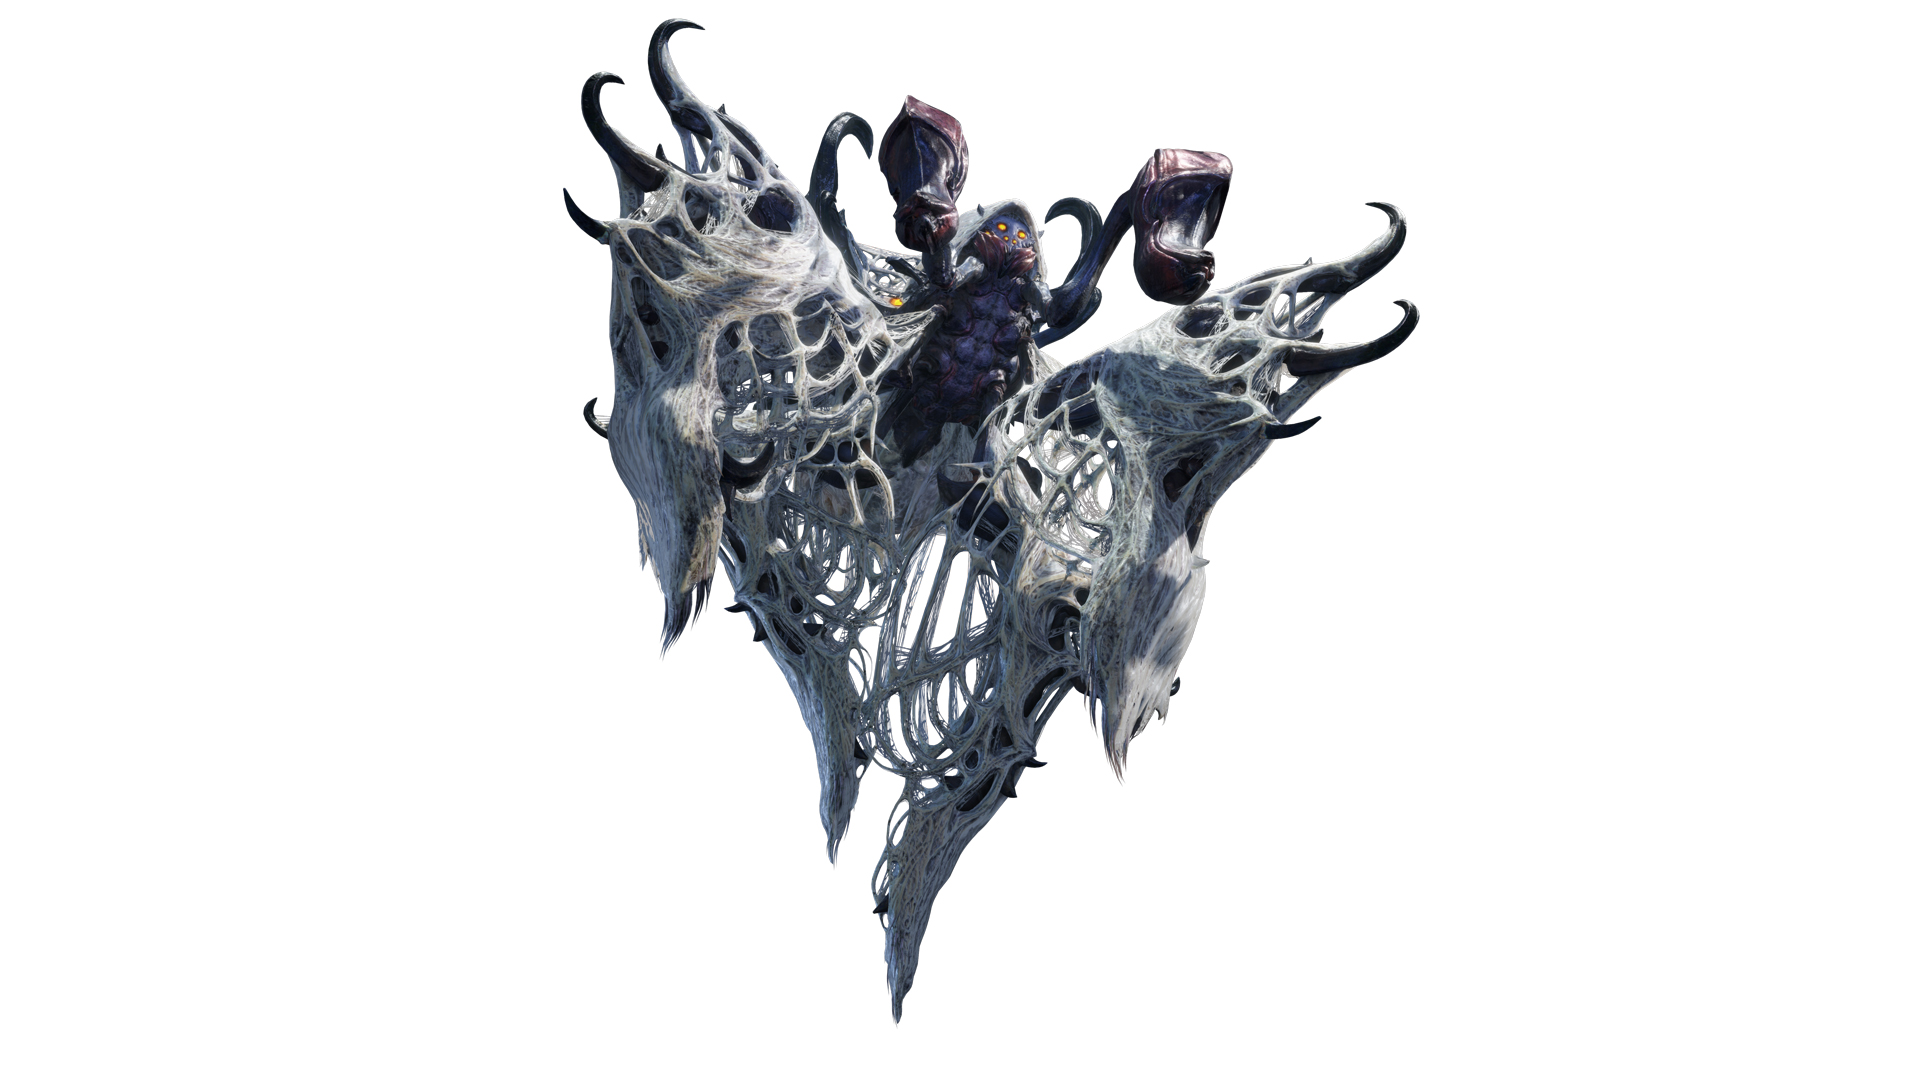 《怪物猎人:崛起》妃蜘蛛、泥翁龙等部分怪物介绍